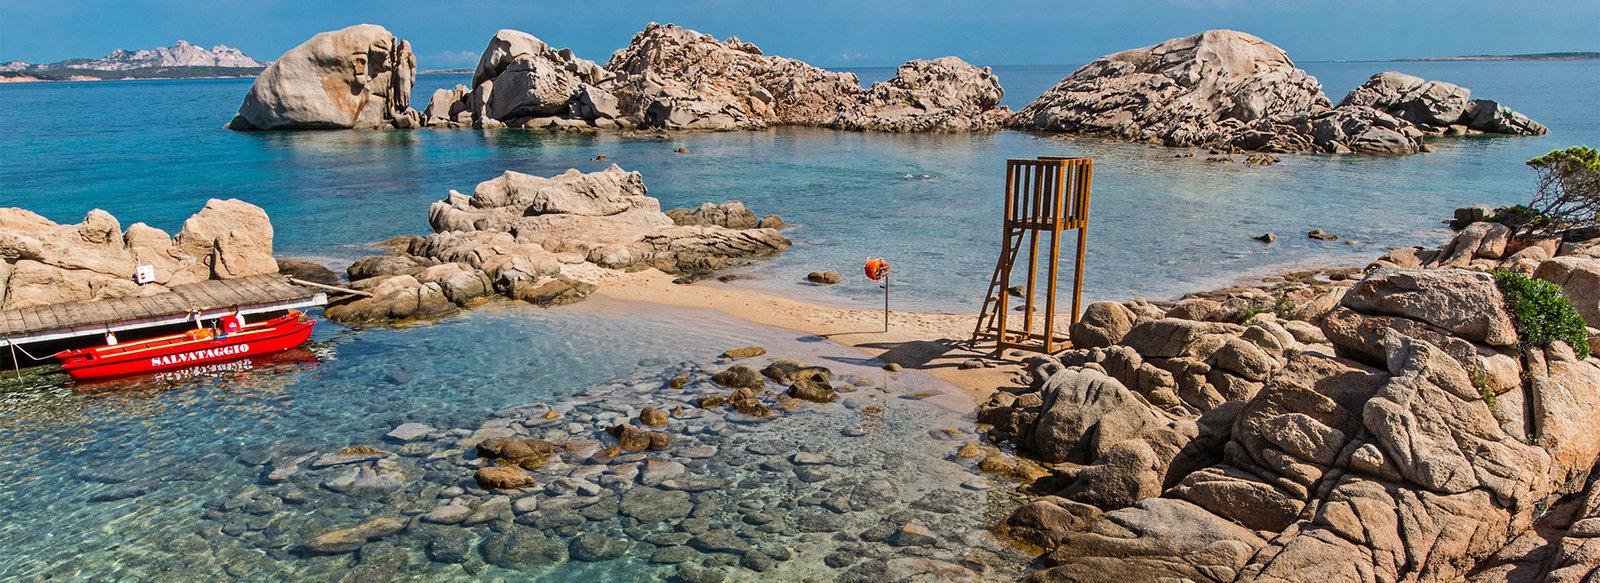 Con vista sull' arcipelago La Maddalena